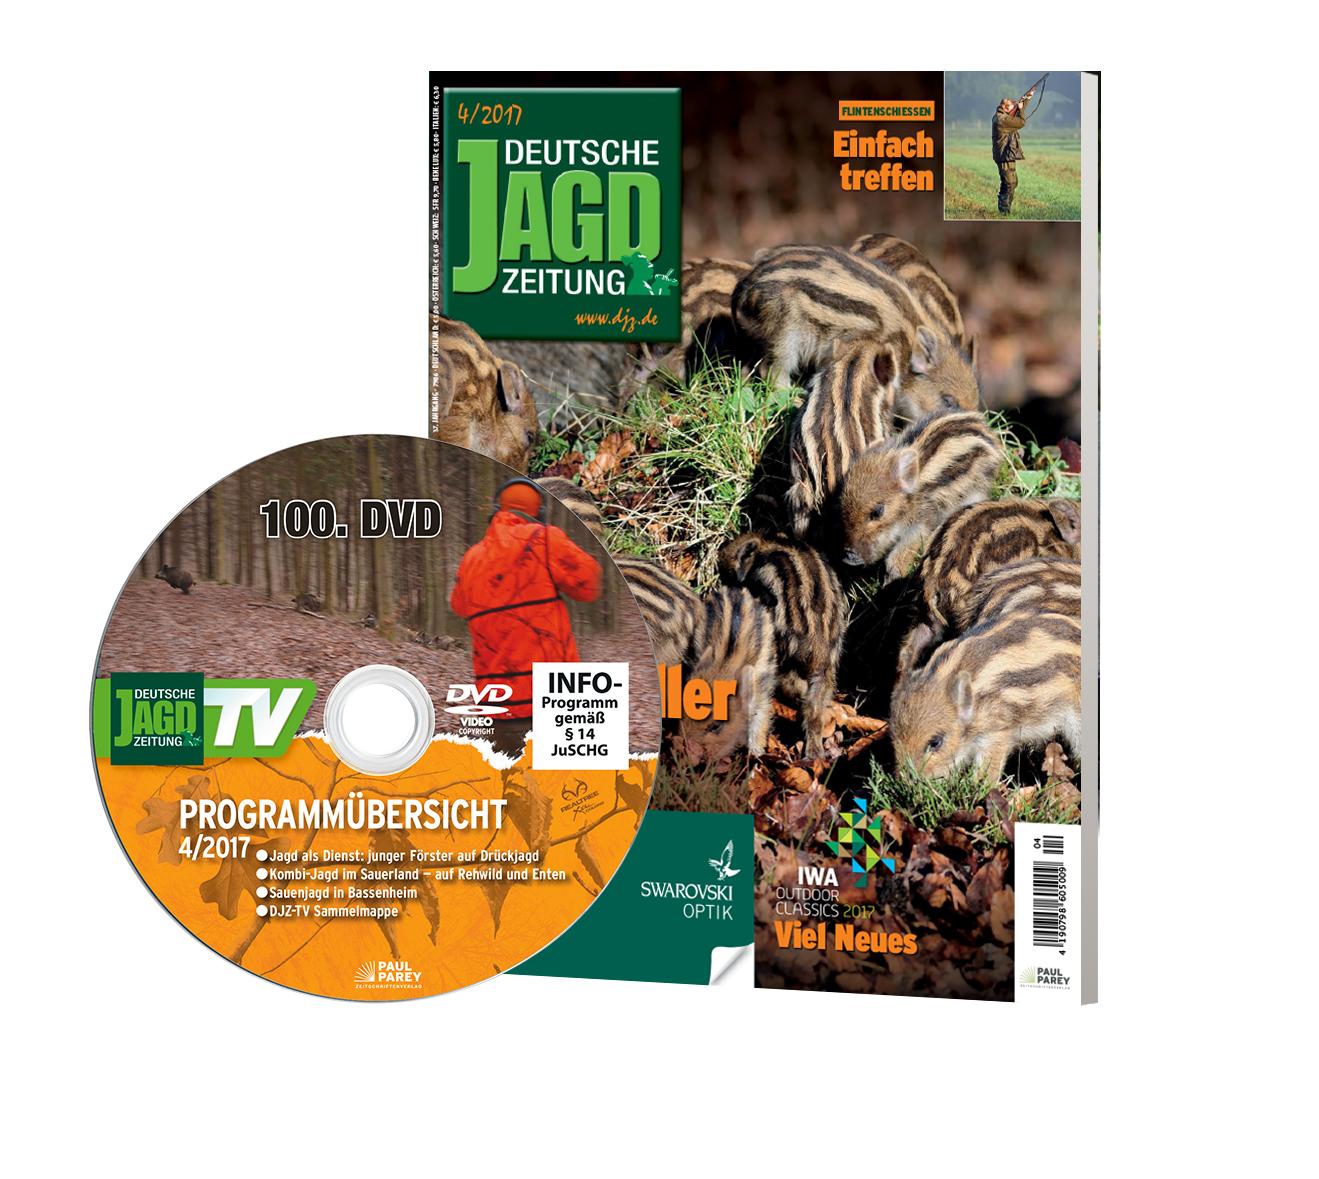 DJZ Ausgabe April 2017 mit DVD